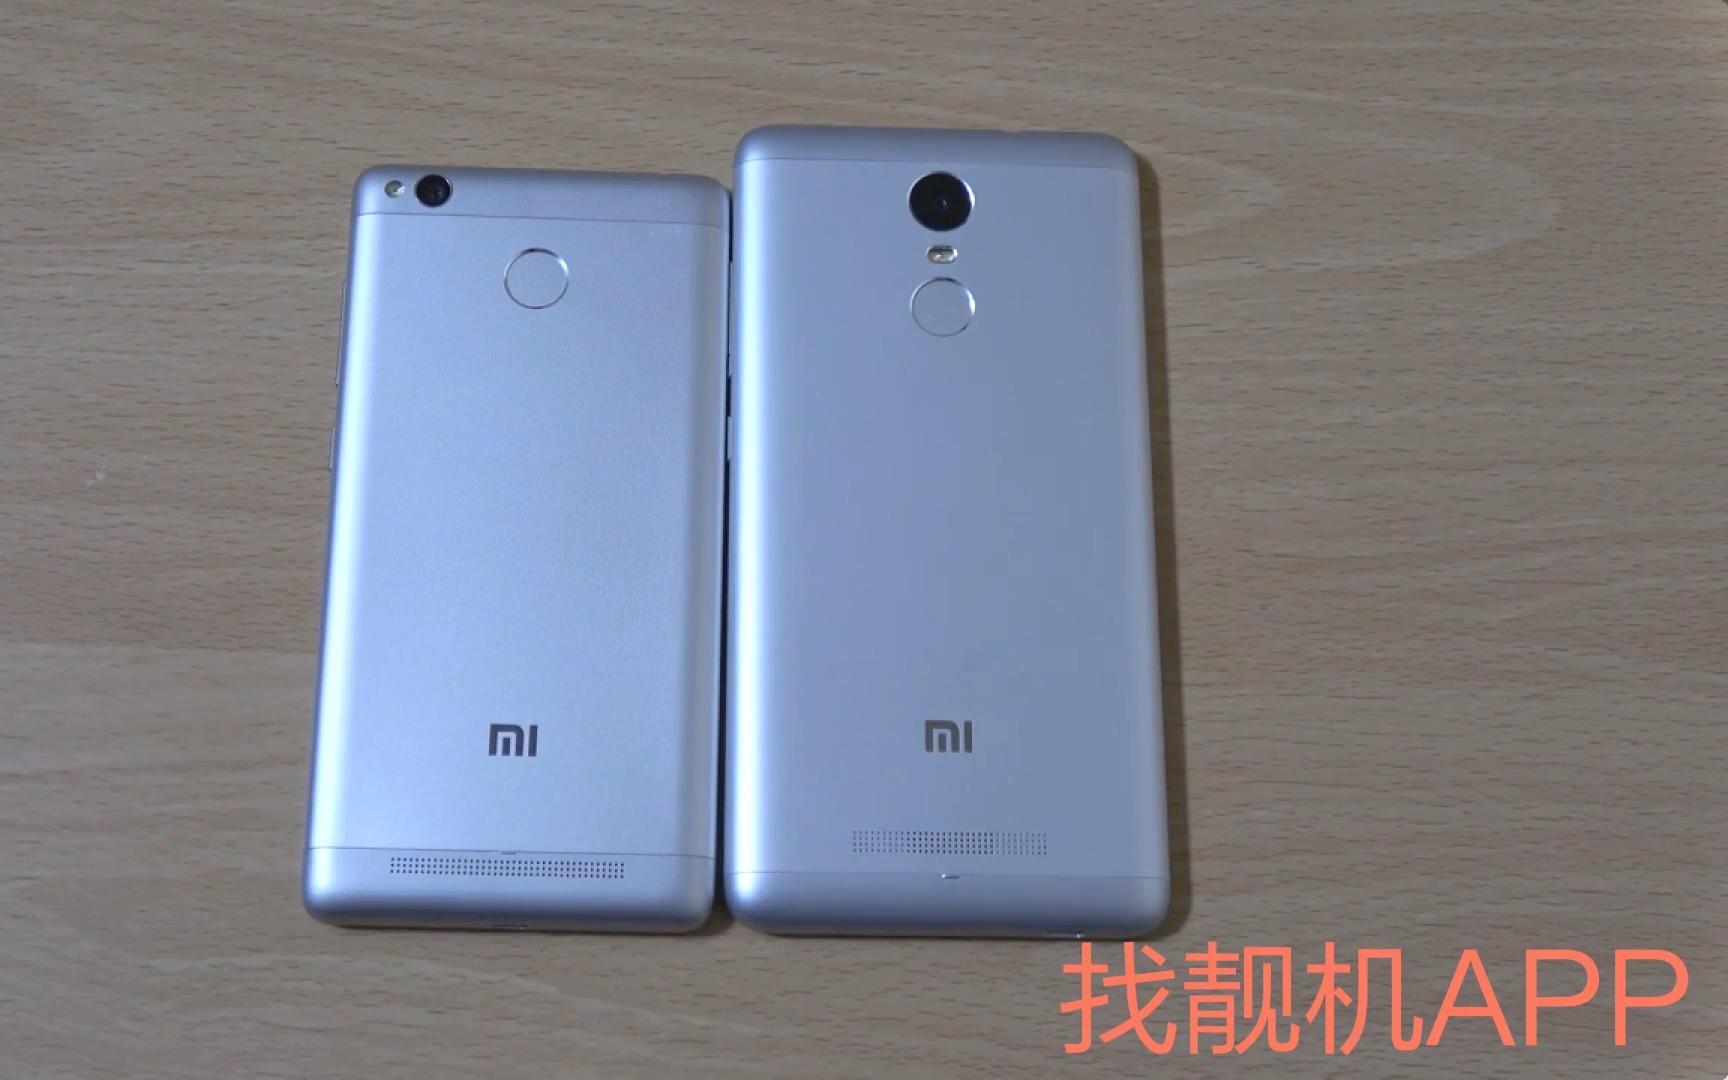 红米3s与红米note3手机外挂看牌器2017app是一